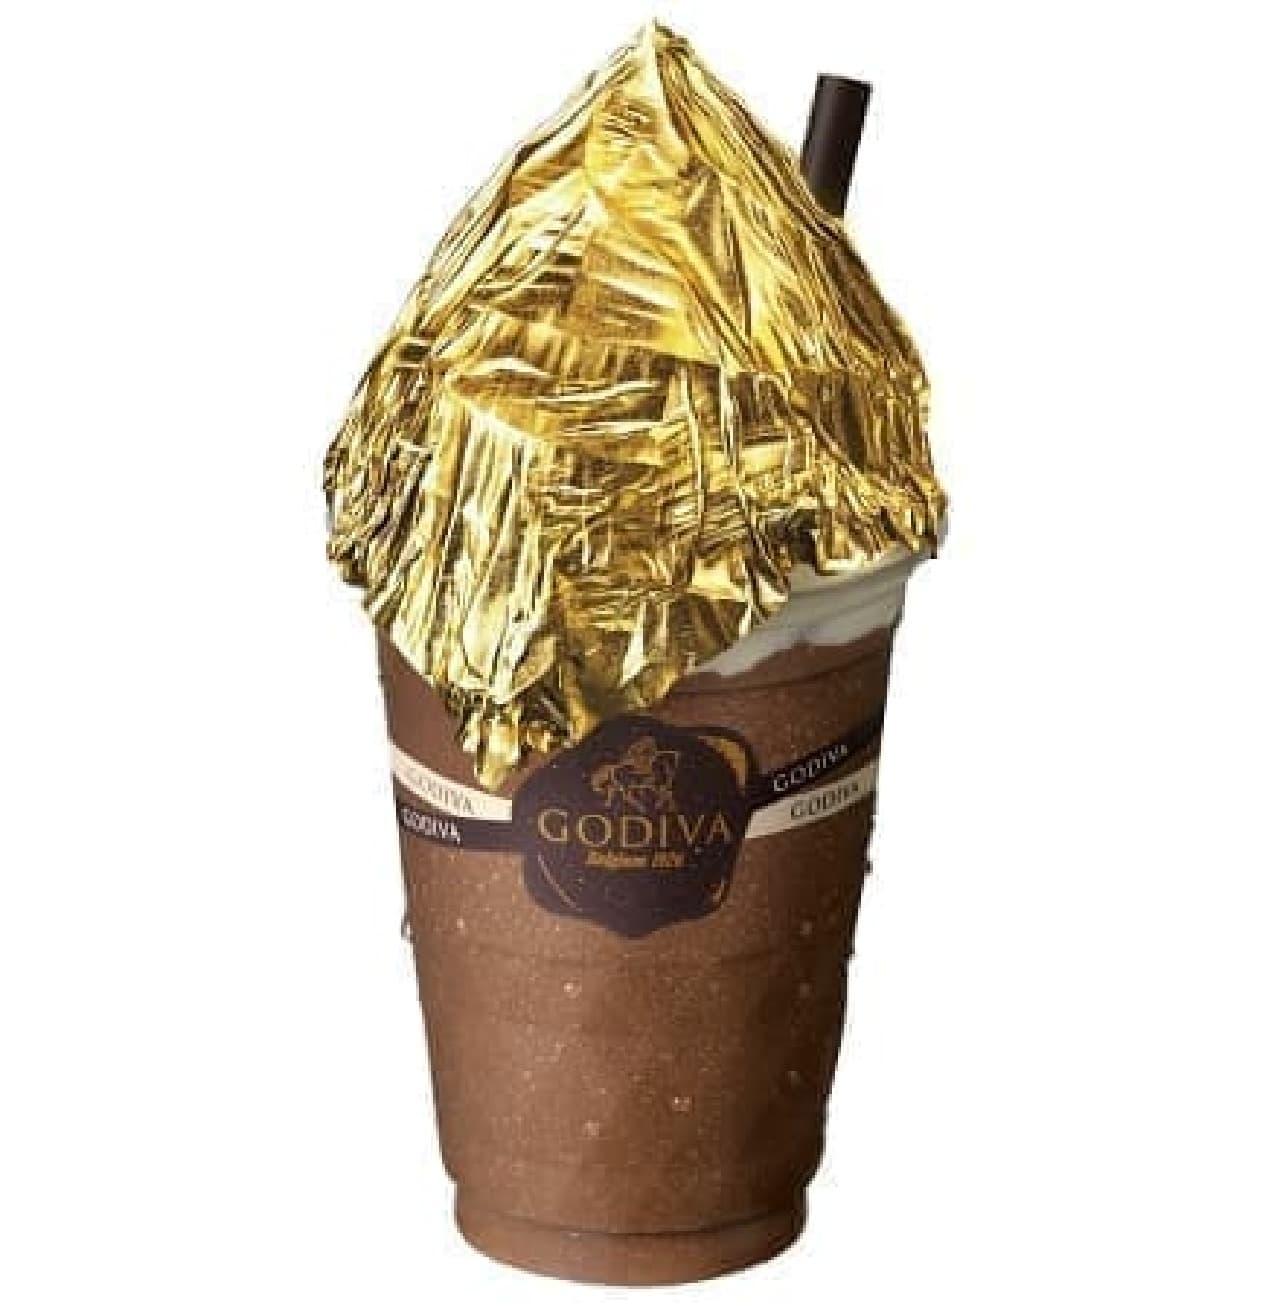 ゴディバの「ショコリキサー GOLDEN」